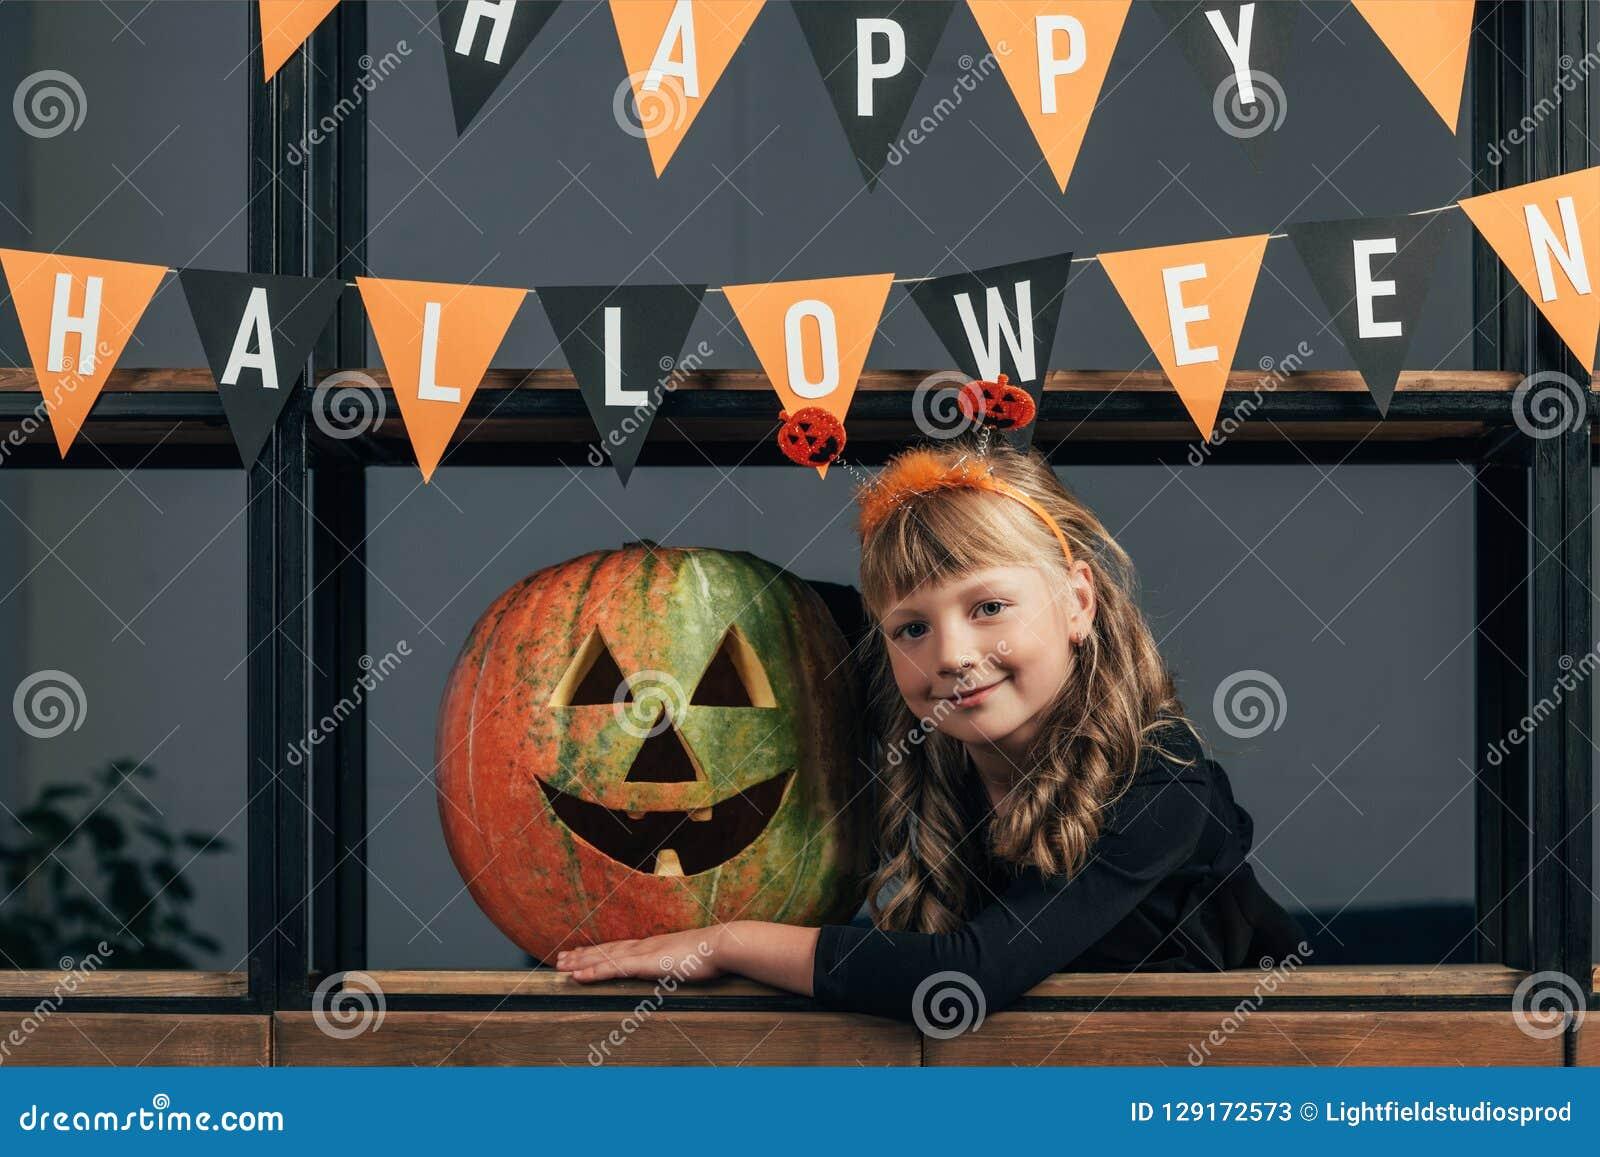 πορτρέτο του χαμογελώντας παιδιού στο κοστούμι αποκριών στη χαρασμένη κολοκύθα και τις κρεμώντας σημαίες